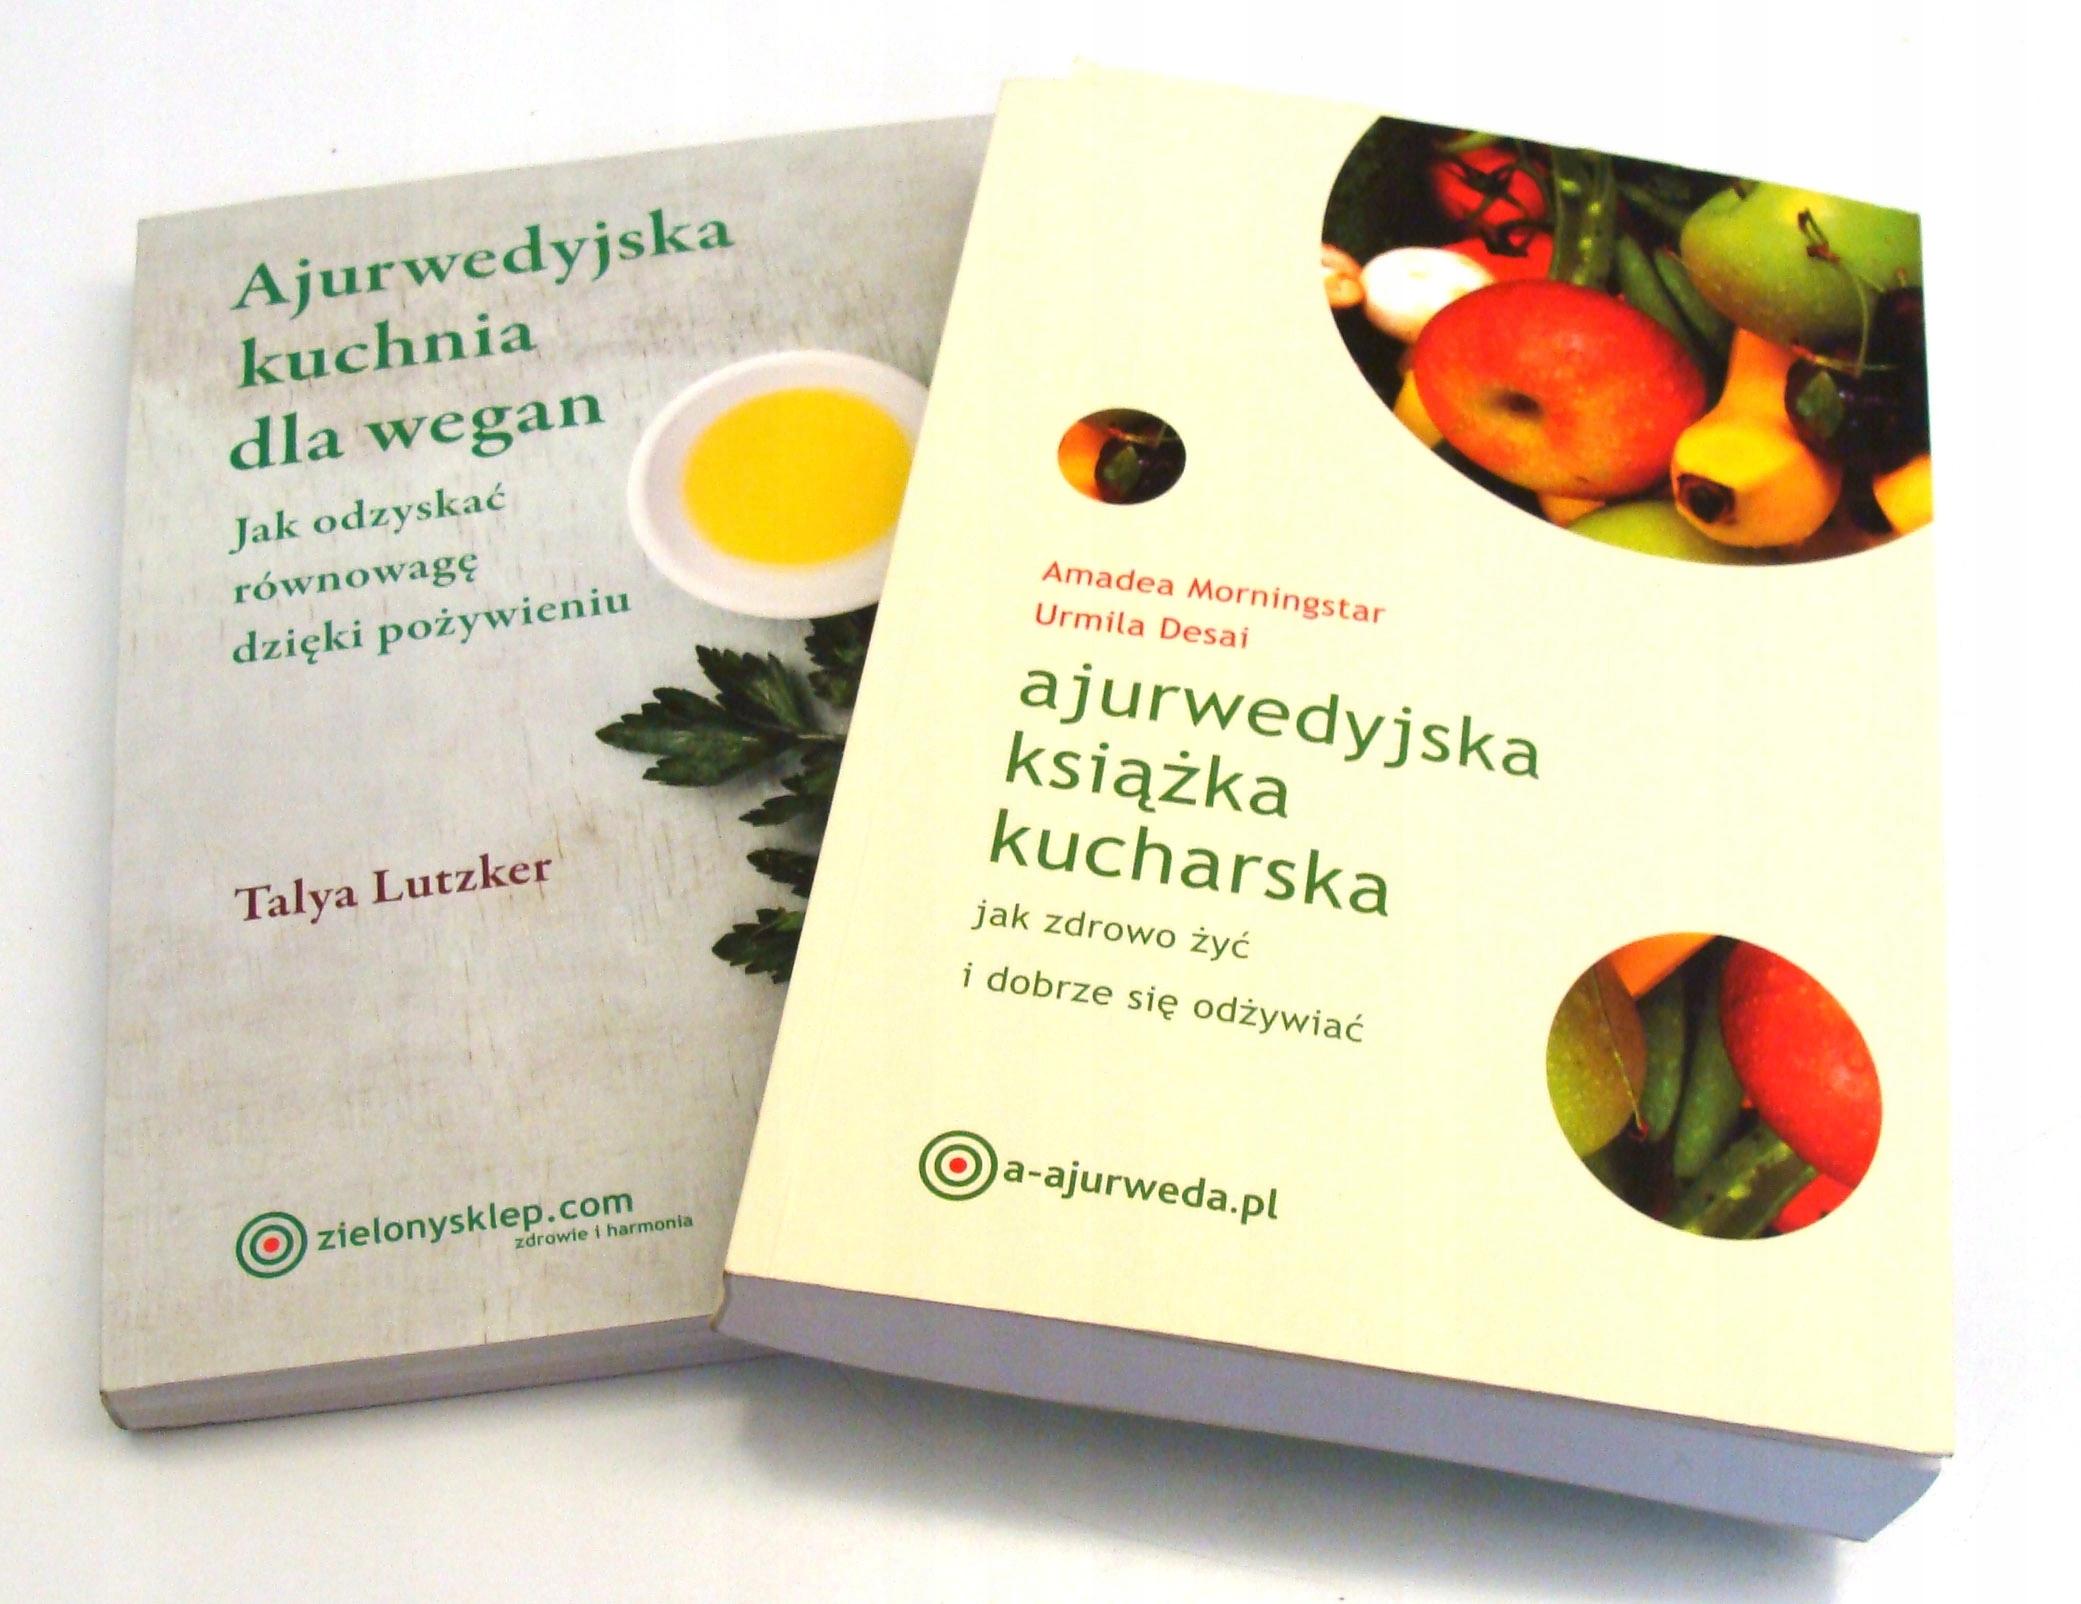 Ajurwedyjska Książka Kucharska Kuchnia Wegańska X2